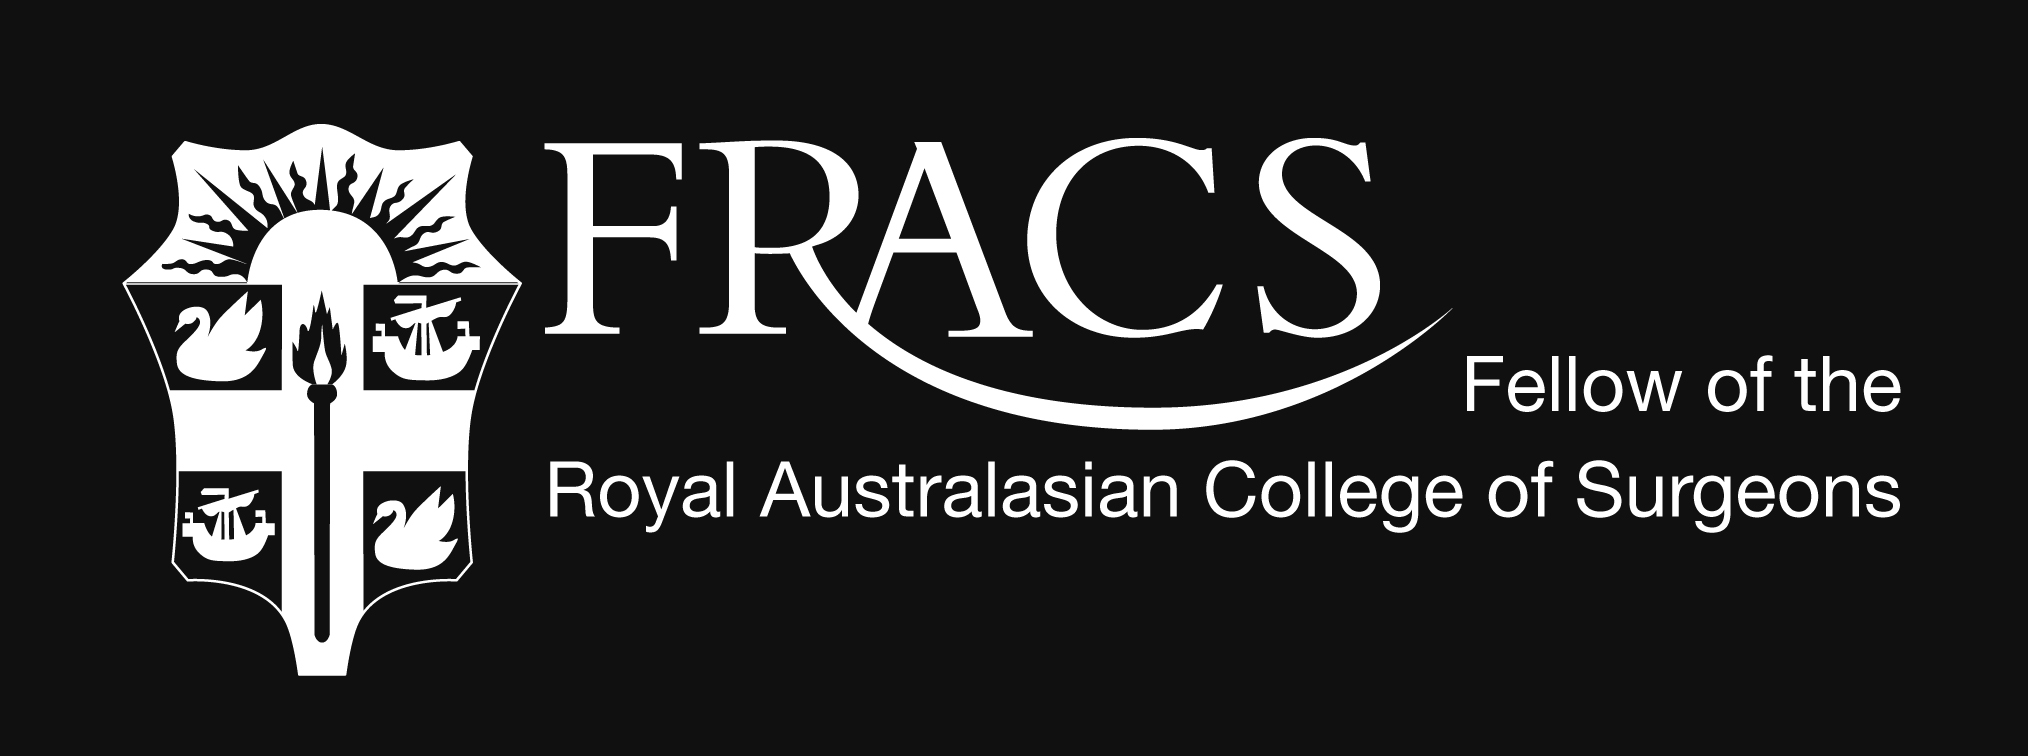 fracs_logo_a_rev.jpg